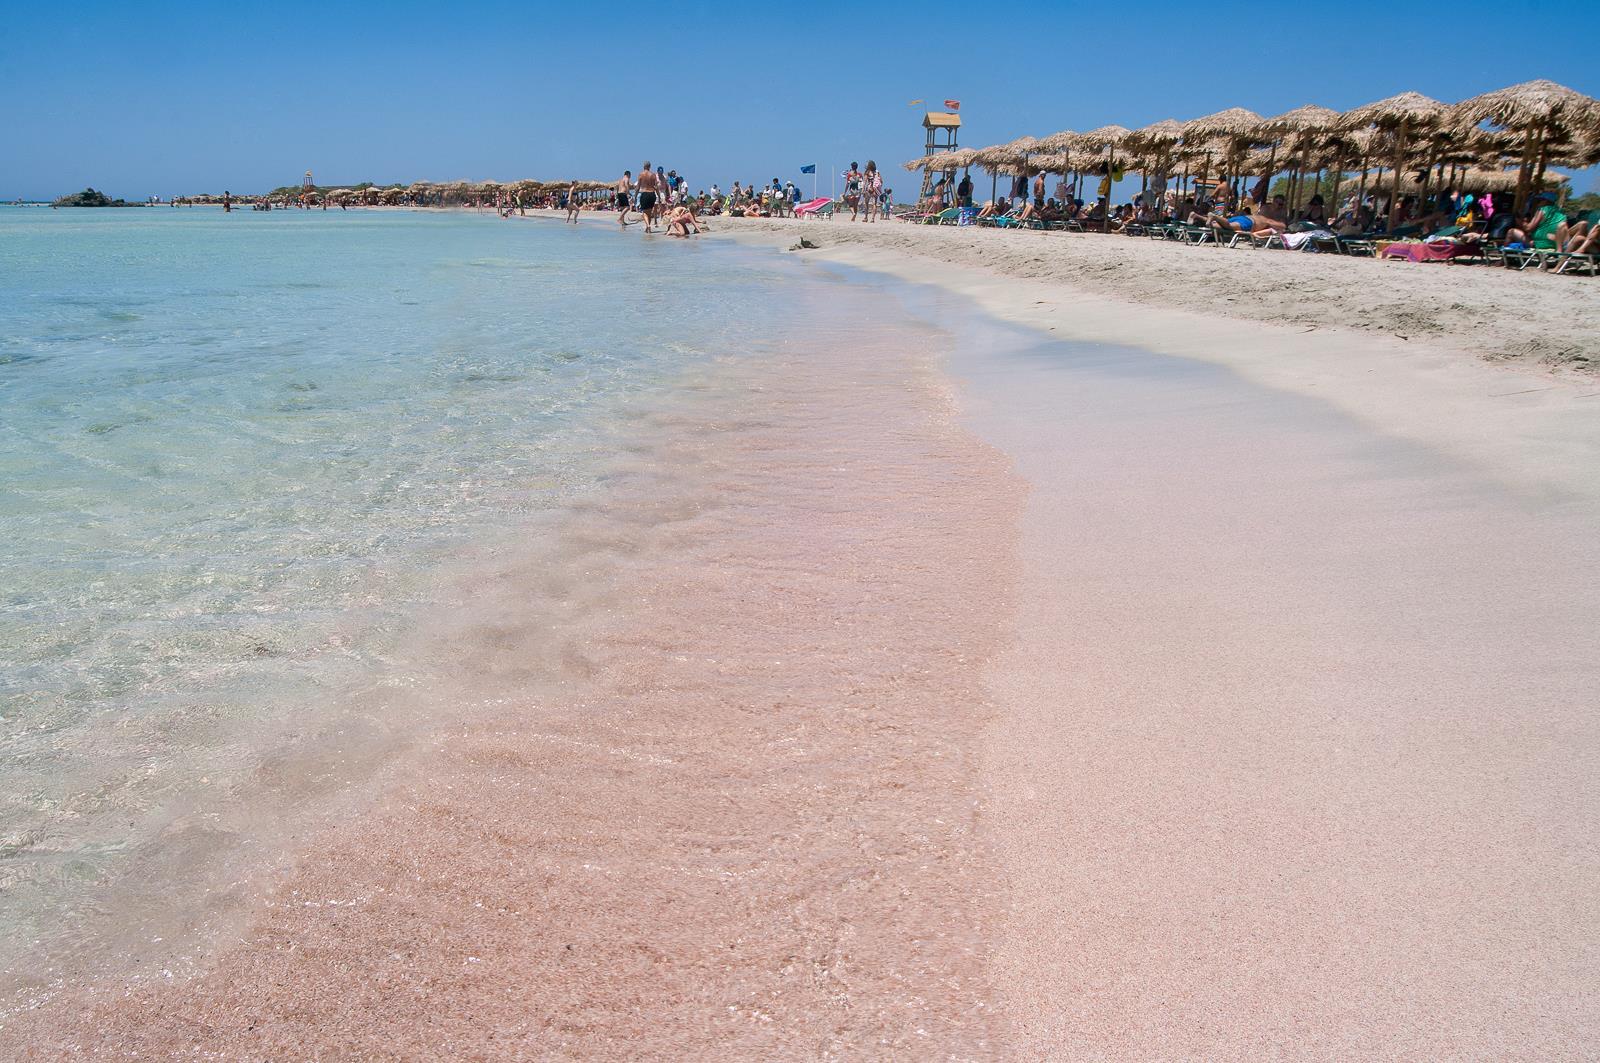 Лучшие песчаные пляжи и отели с песчаными пляжами острова Крит